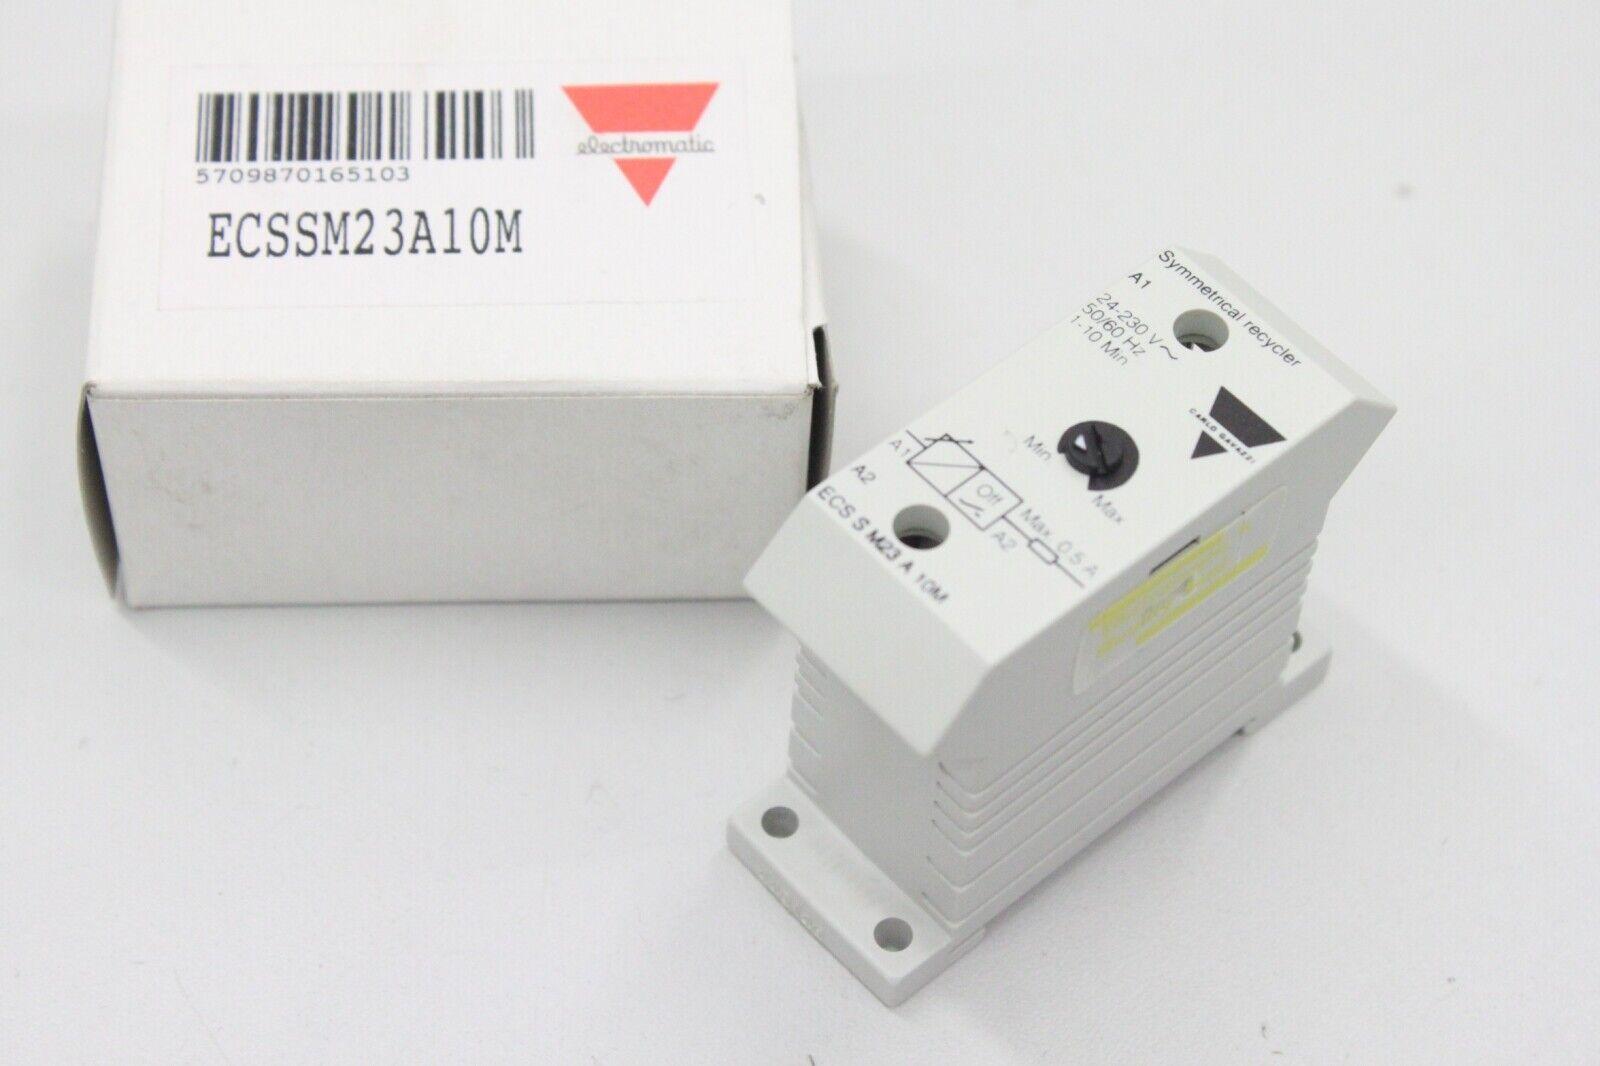 ELECTROMATIC ECS S M23 A 10M 1-10min Zeitrelais ECSSM23A10M OVP